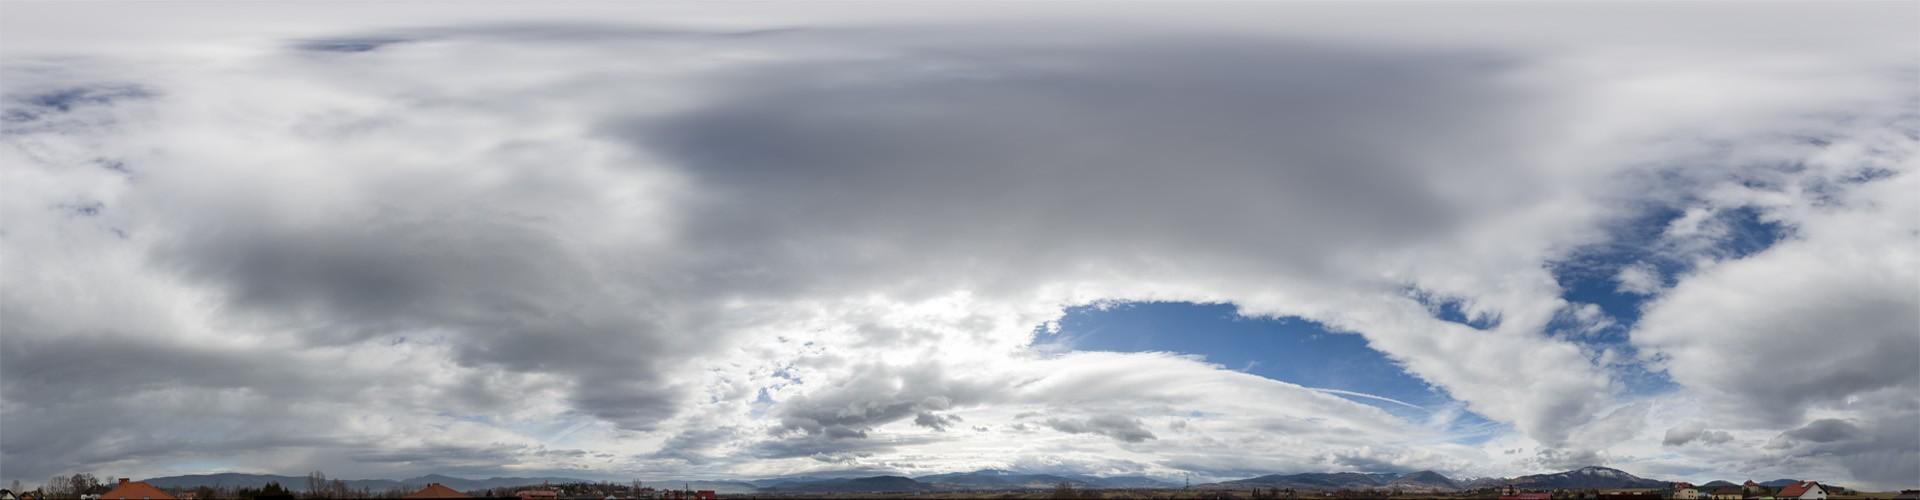 Cloudy Mountains 8623 (30k) HDRI